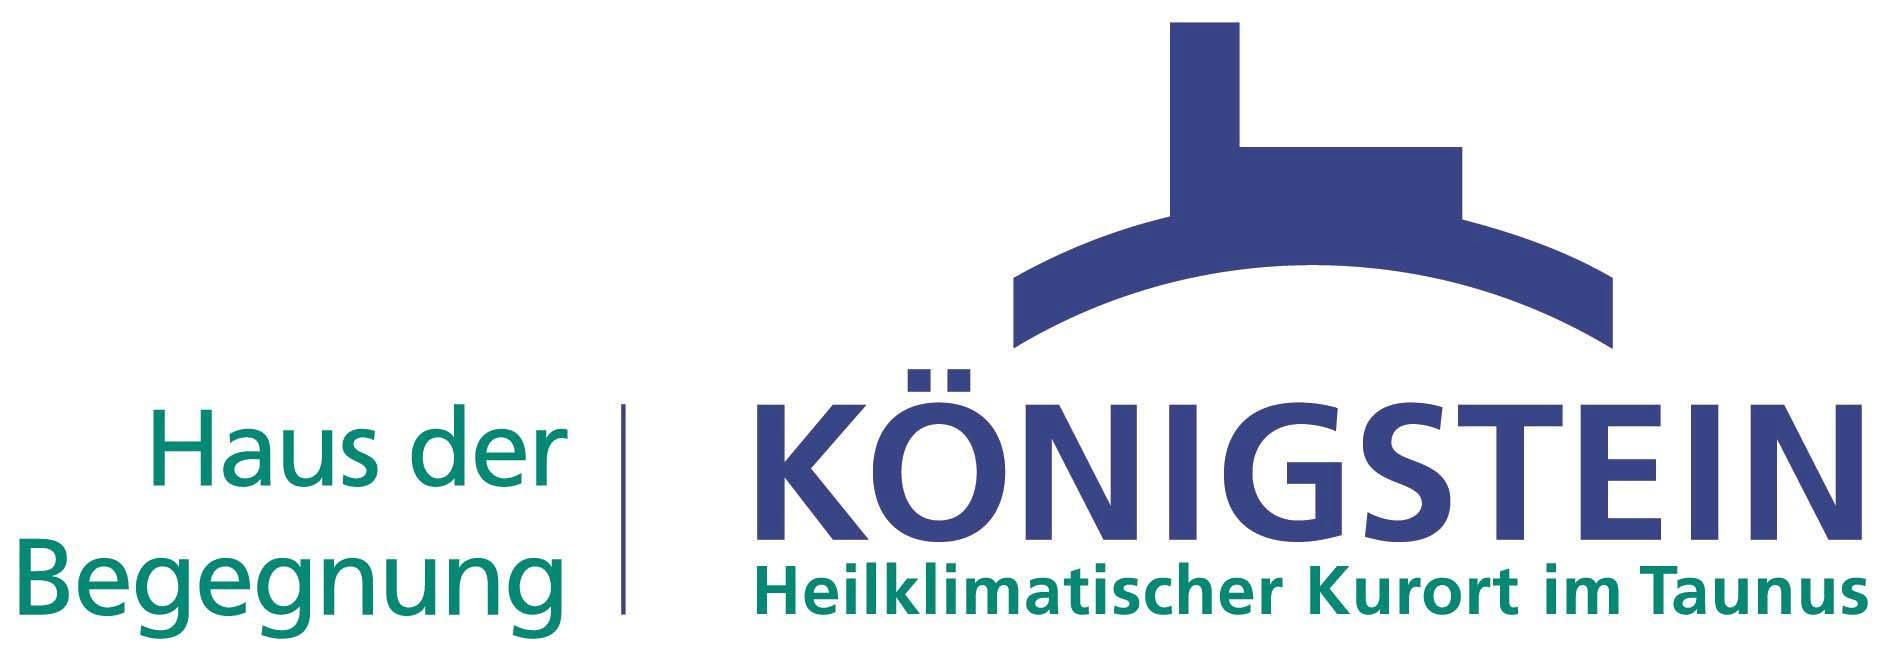 Haus der Begegnung, Königstein im Taunus